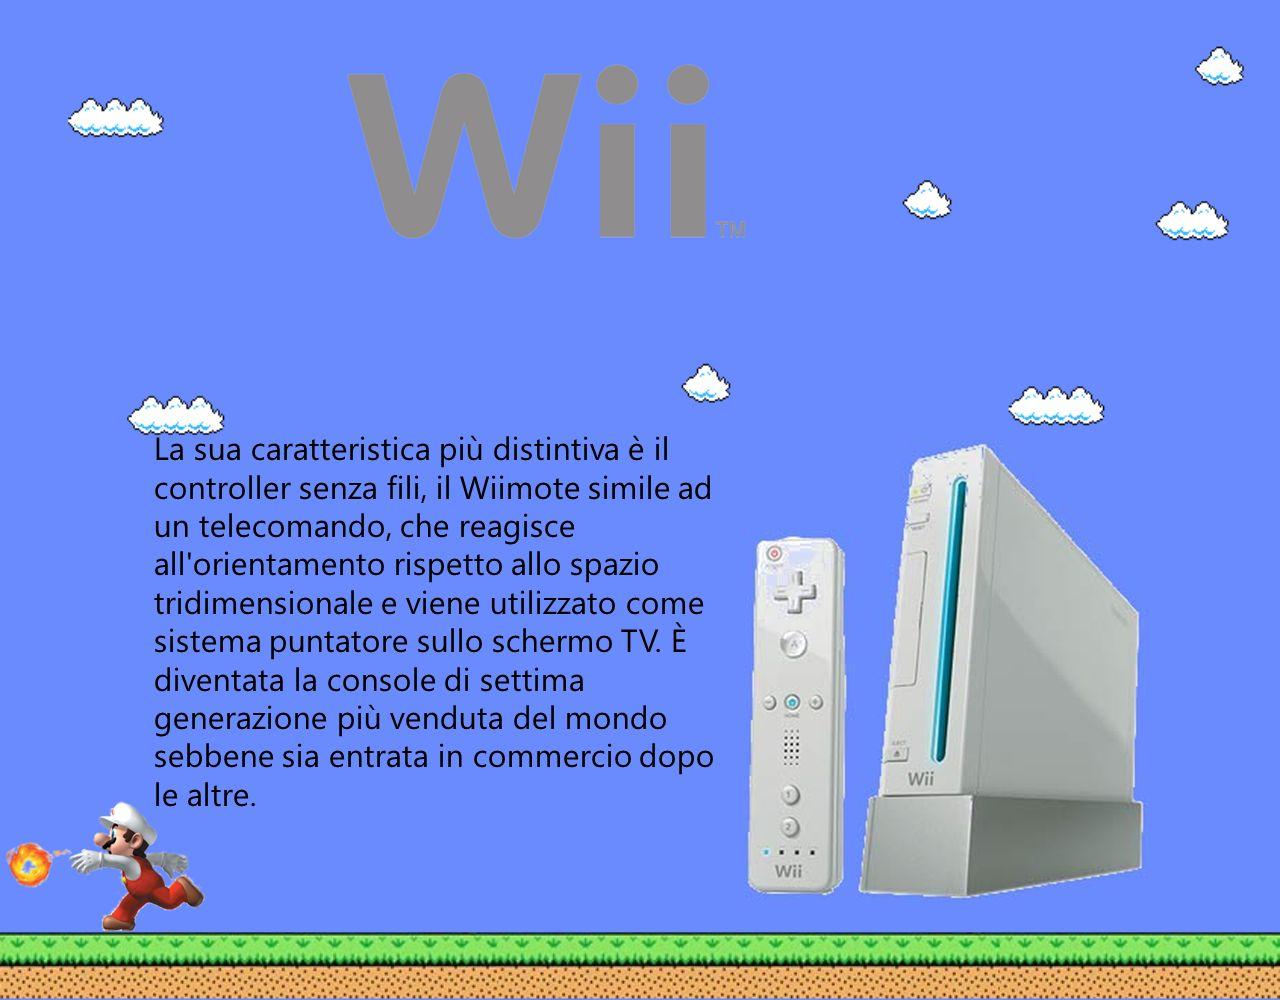 La sua caratteristica più distintiva è il controller senza fili, il Wiimote simile ad un telecomando, che reagisce all orientamento rispetto allo spazio tridimensionale e viene utilizzato come sistema puntatore sullo schermo TV.